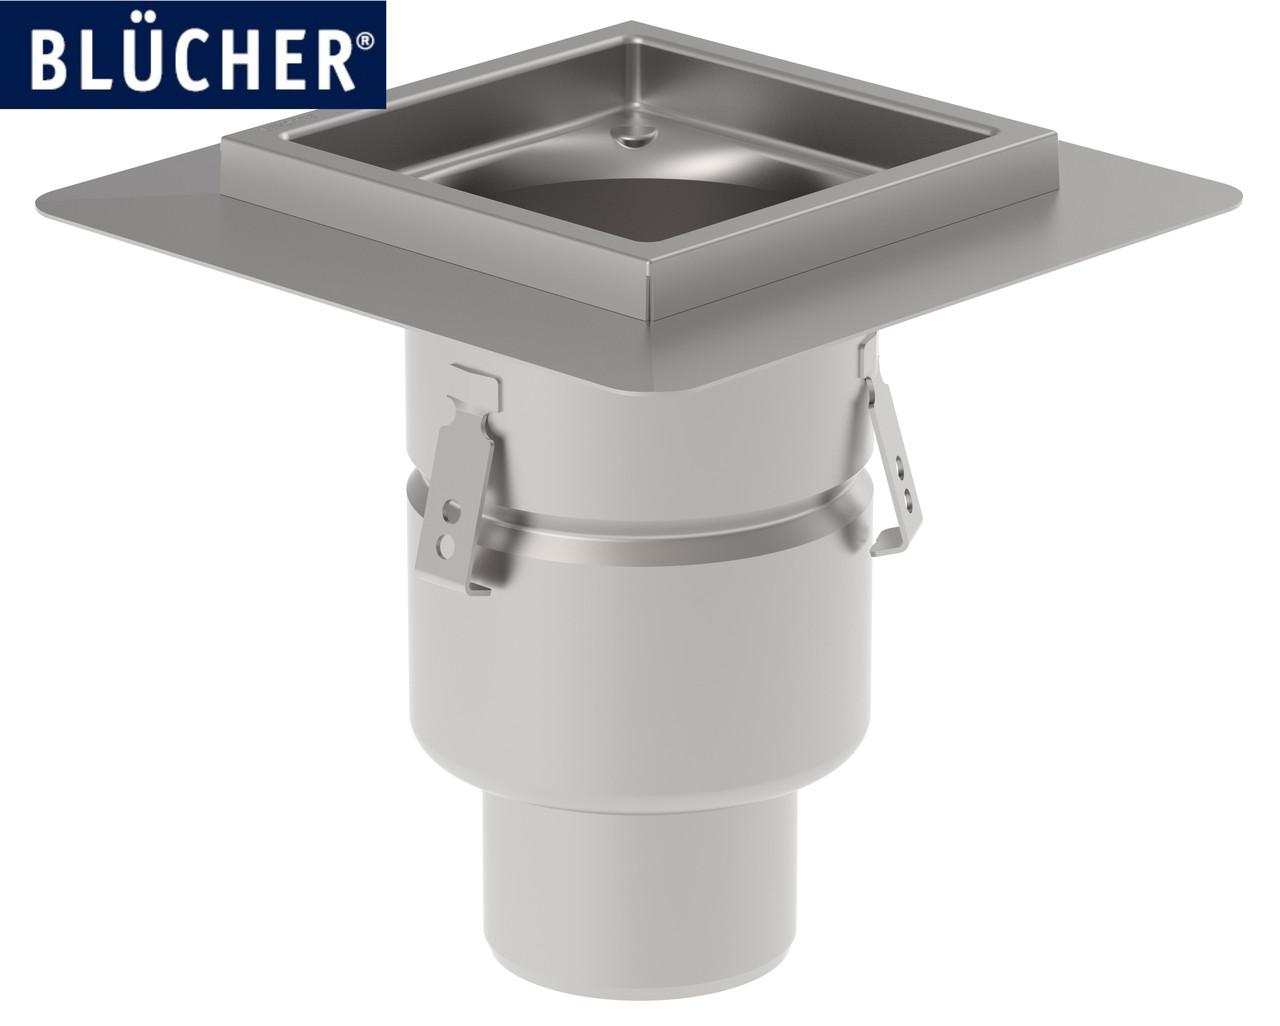 Промисловий трап (для кухні, цеху) Blucher 761.402.110, нержавіюча сталь, вертикальний вихід D110